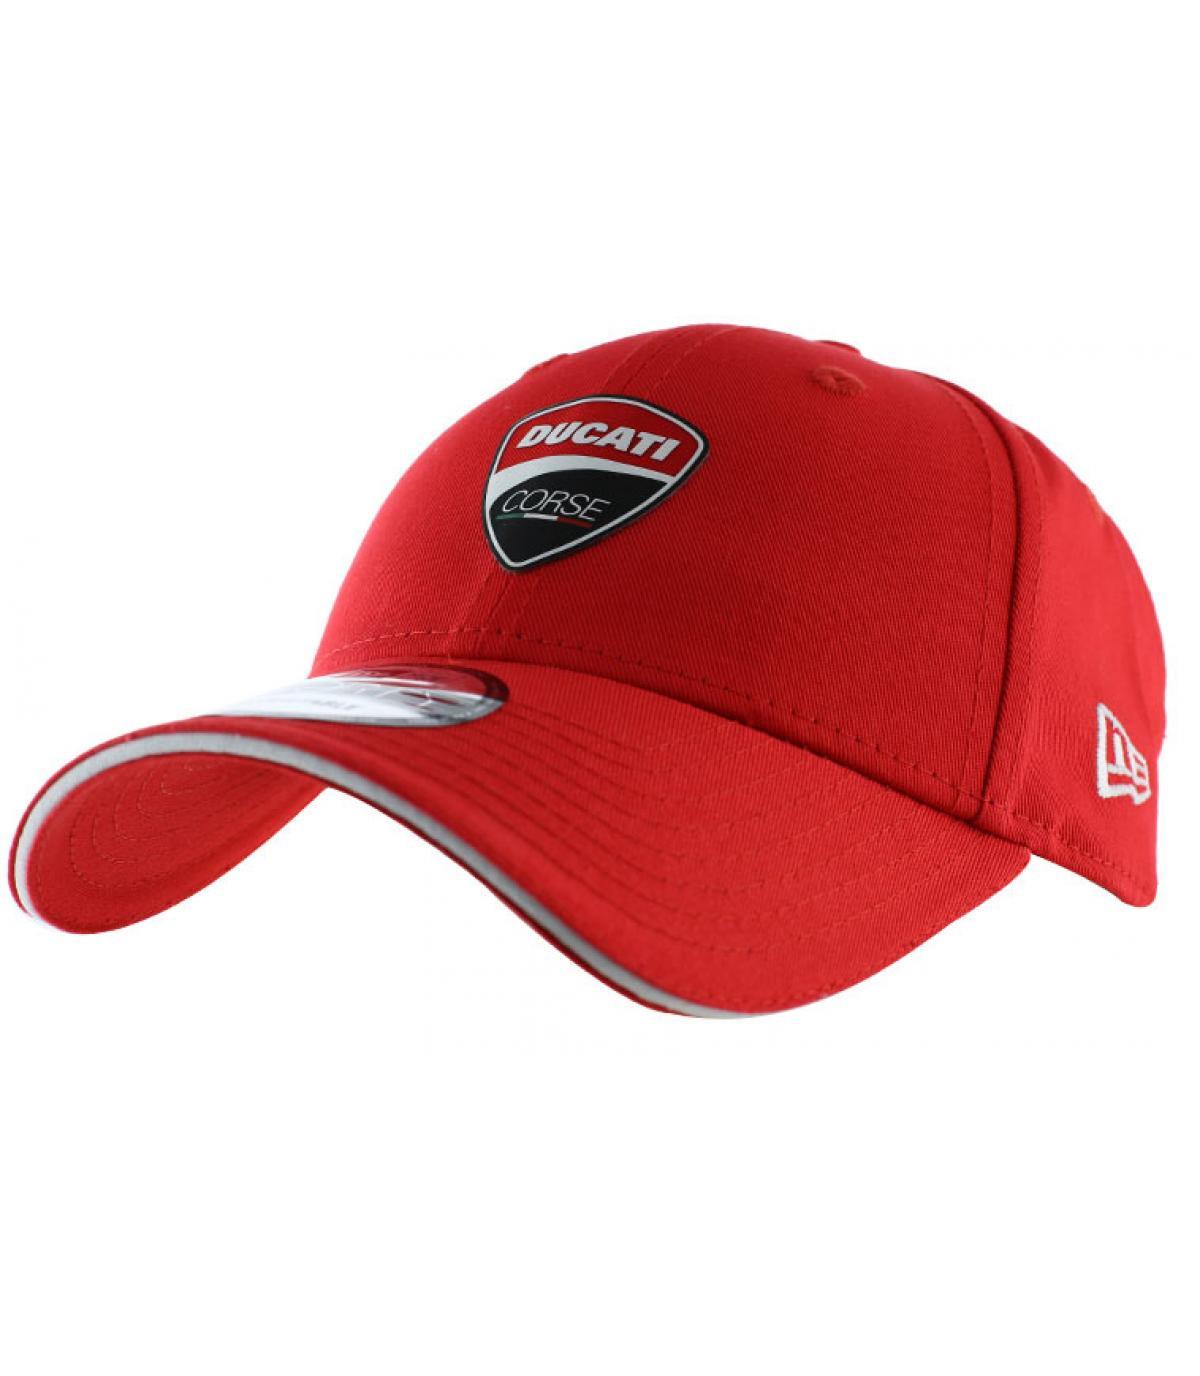 red Ducati cap - Cap Ducati Corse red by New Era. Headict f8322dc4a54